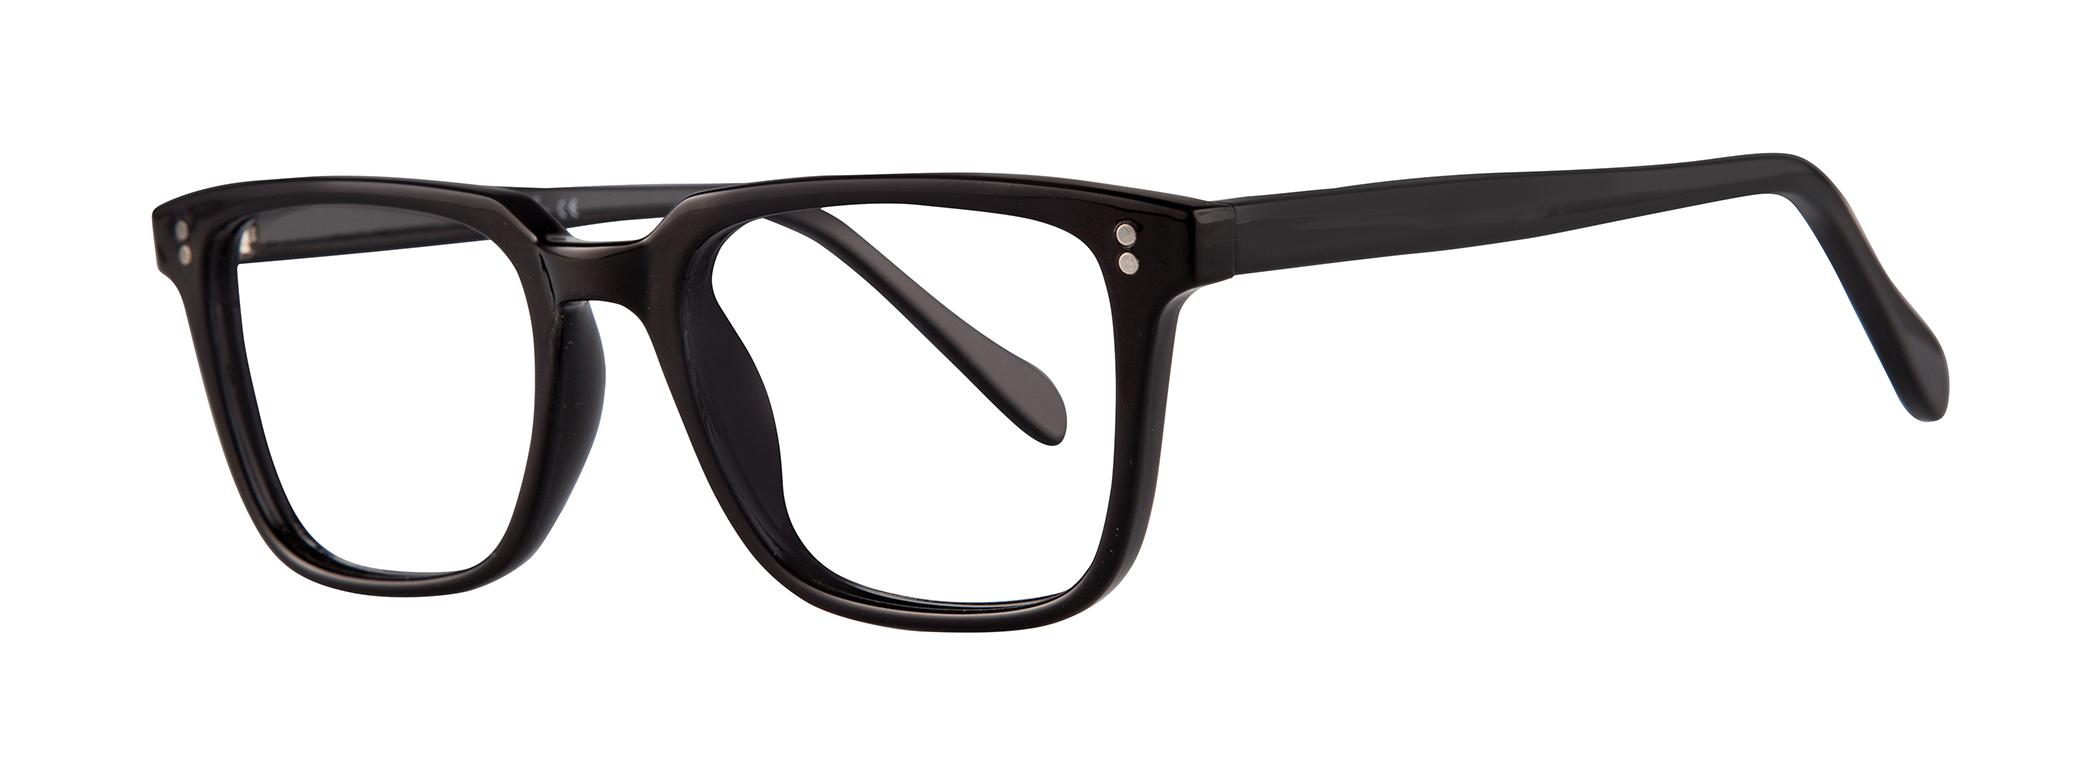 c190caeb4ae0 Designer Frames Outlet. Affordable Designs Dan